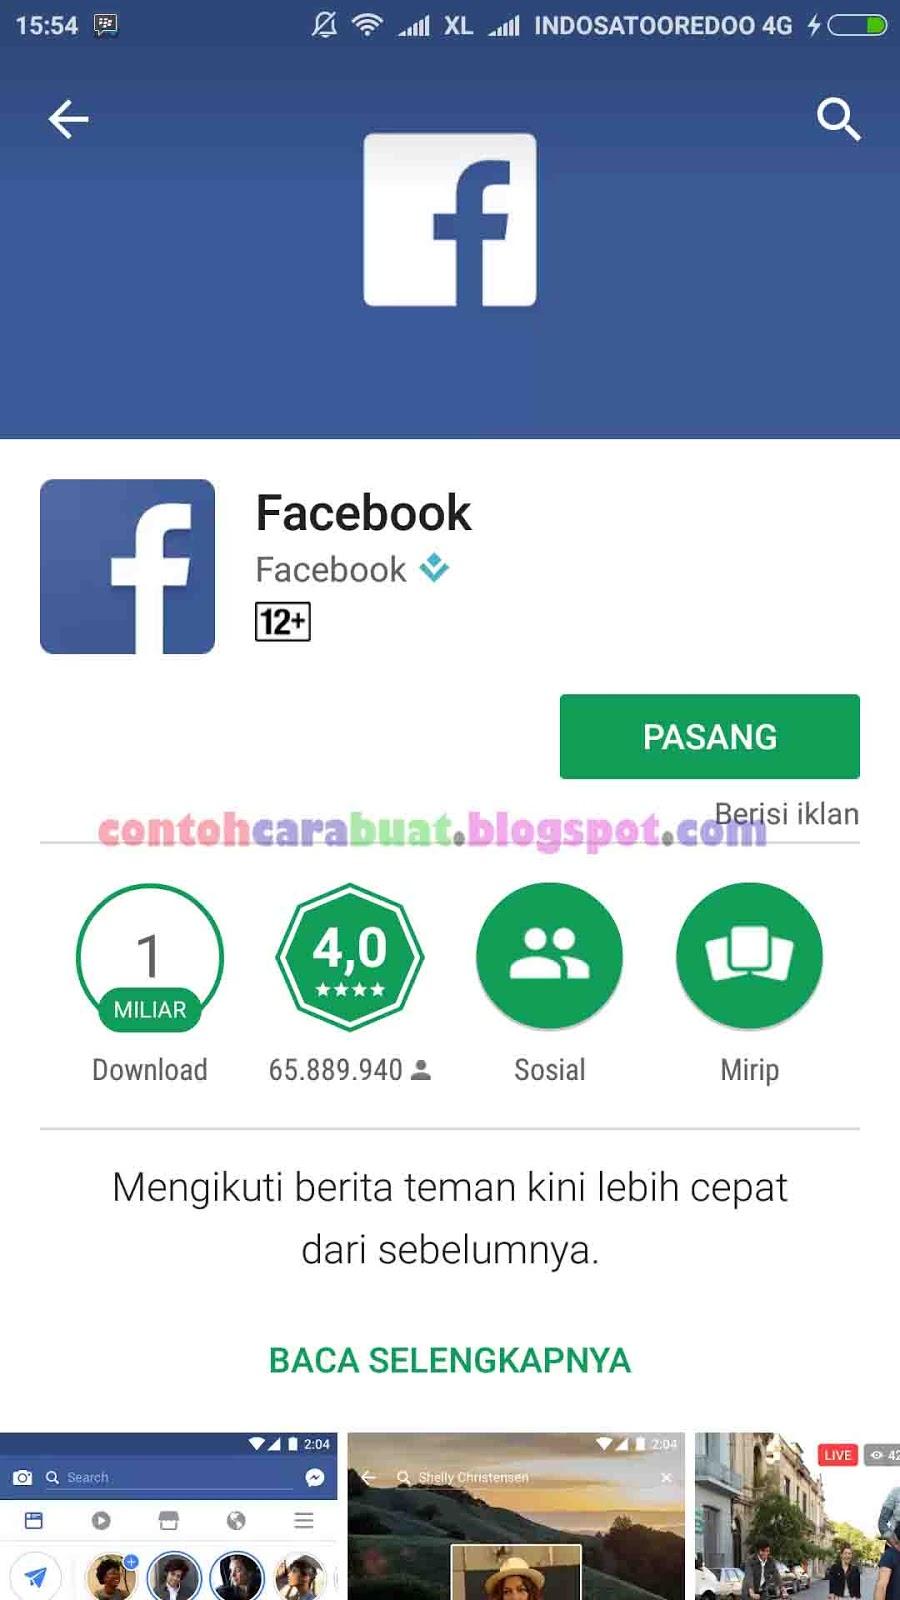 Daftar Facebook Indonesia | Cara Buat Facebook Lewat Hp